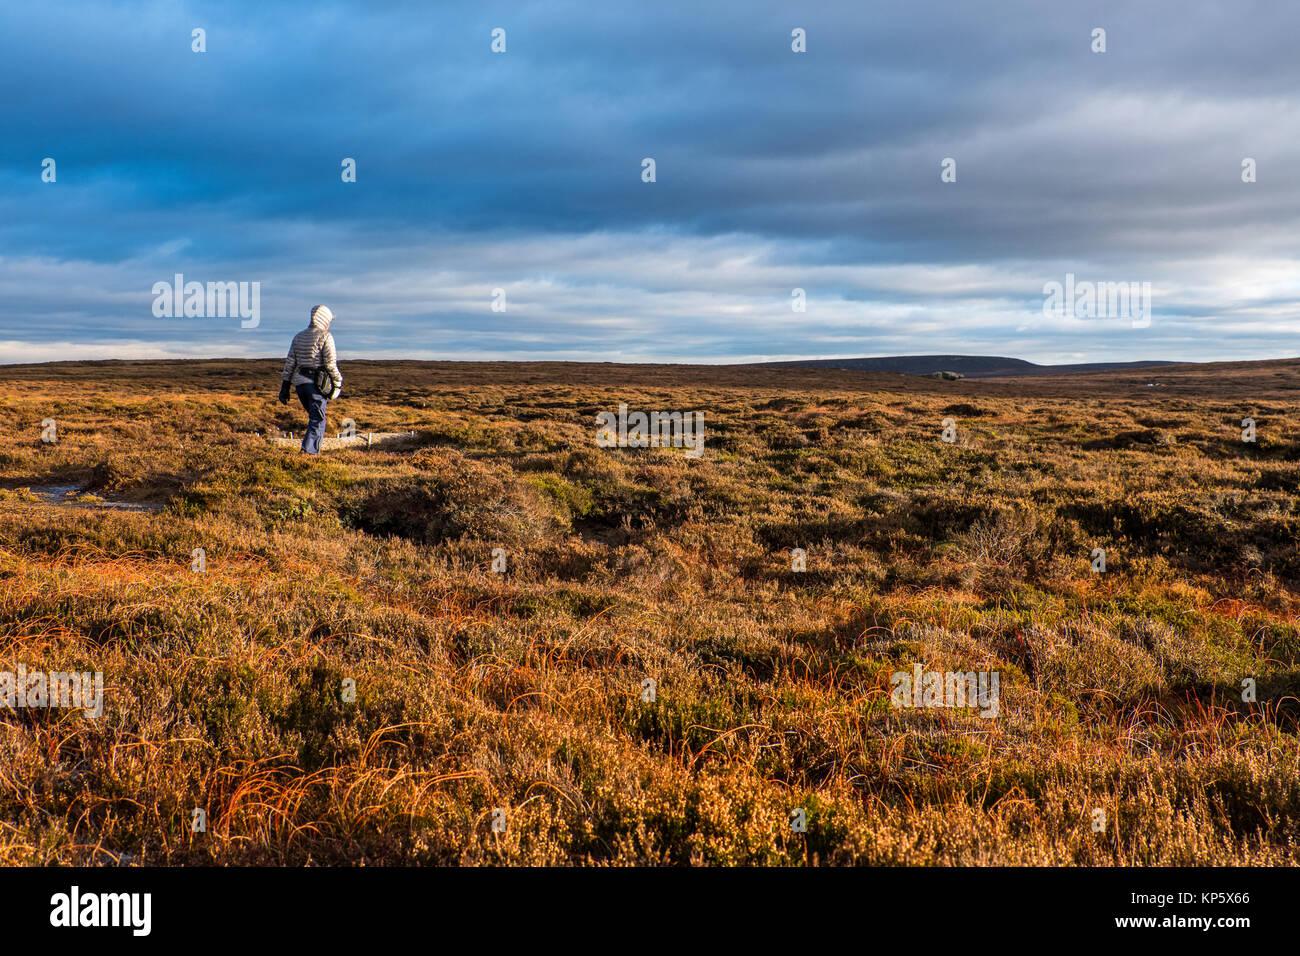 Female walker on The Bleaklow / Howden moors of The Dark Peak, Peak District National Park - Stock Image